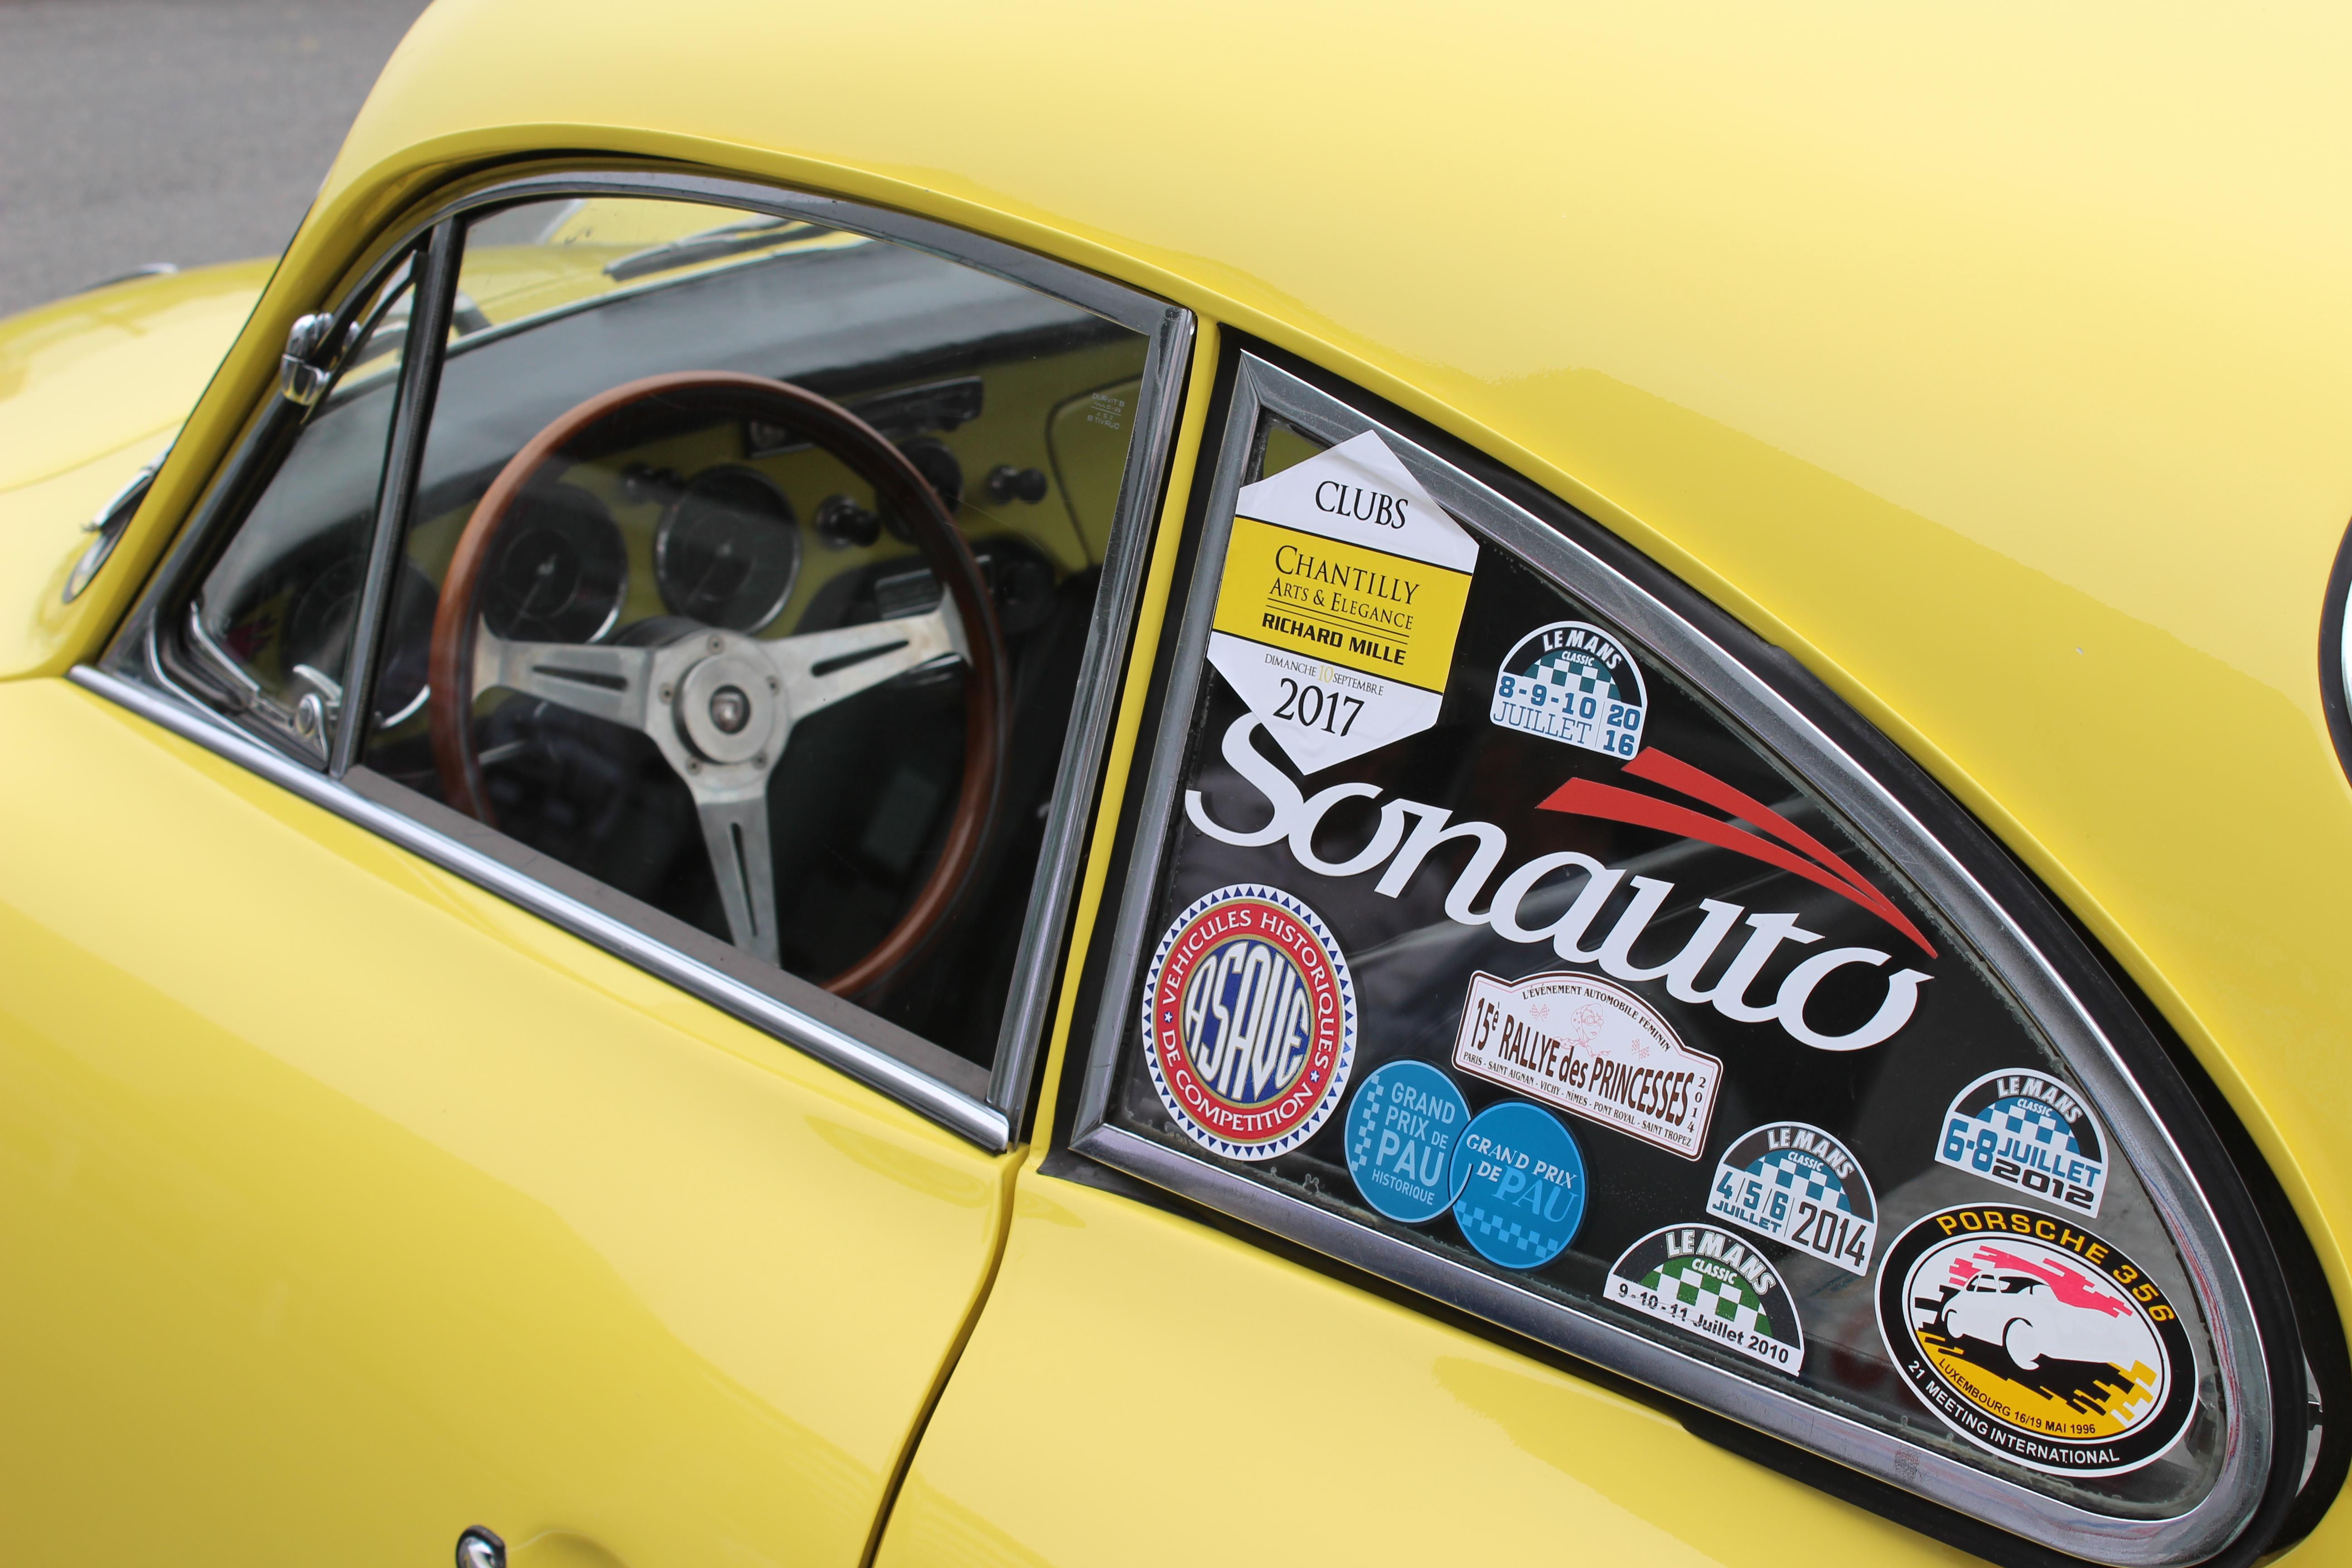 70 Ans Centre Porsche ROISSY Sonauto Img_6721